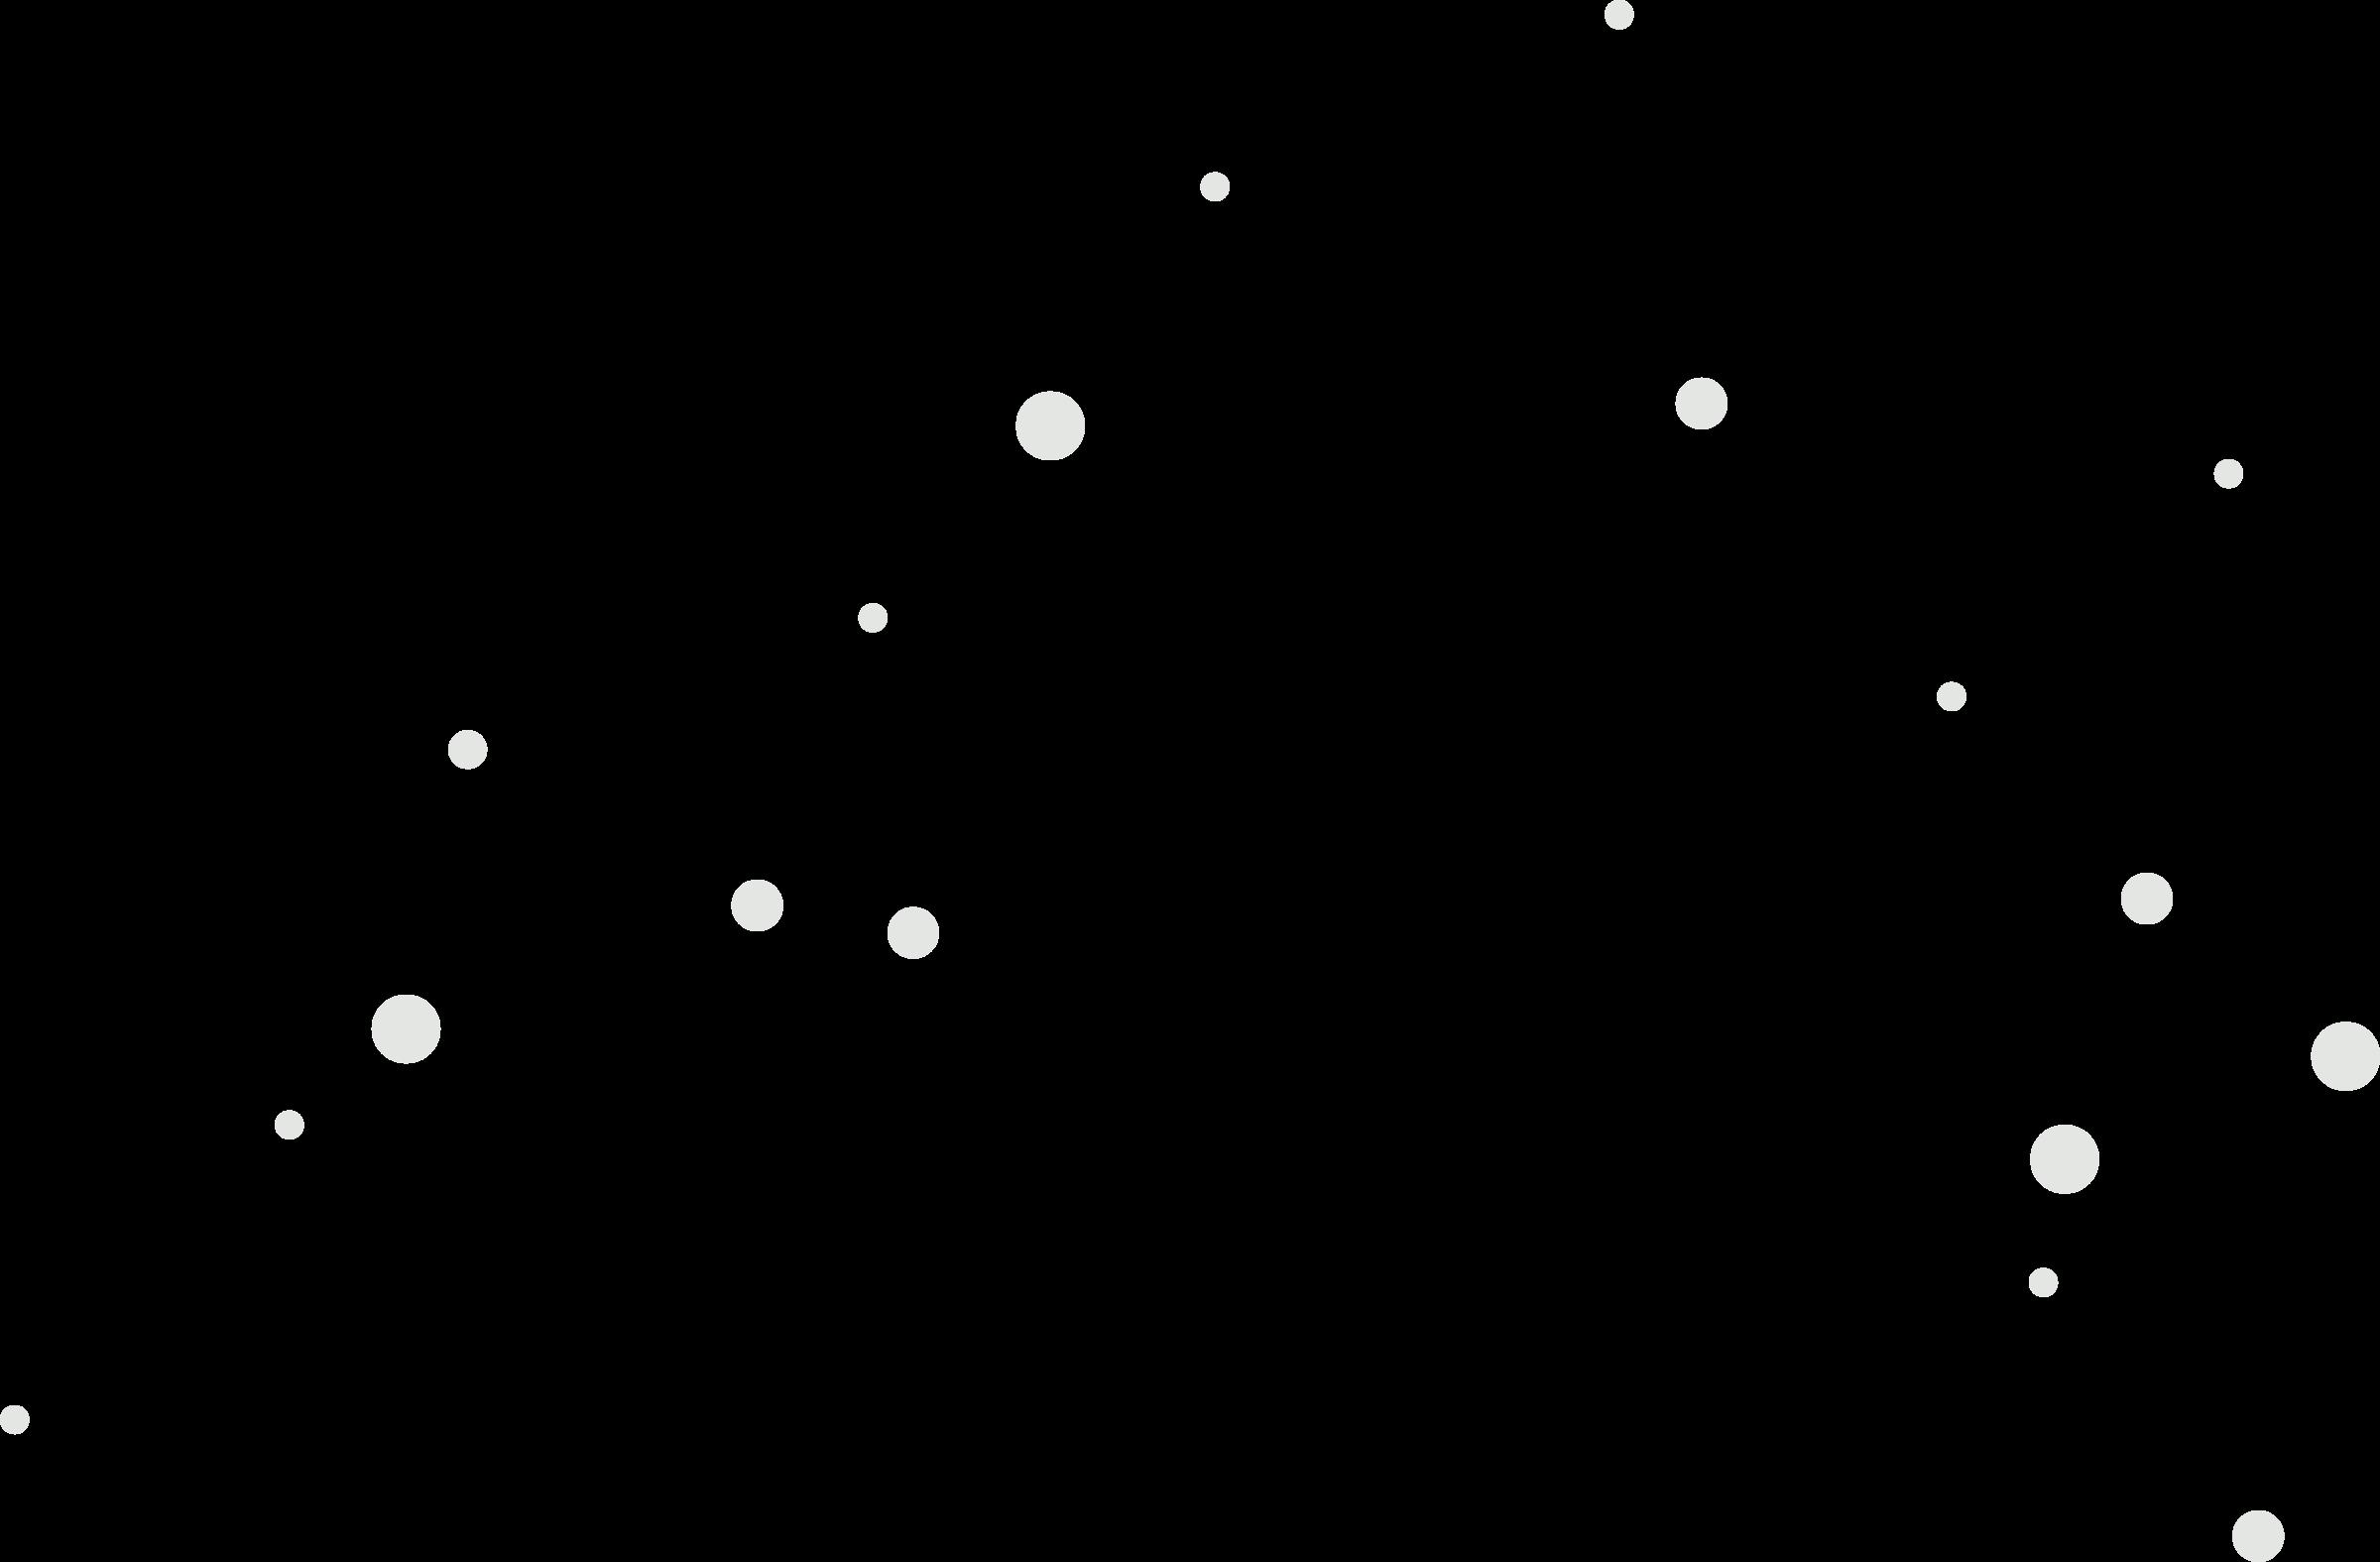 Ilmenskie Stars 3 By Glitch